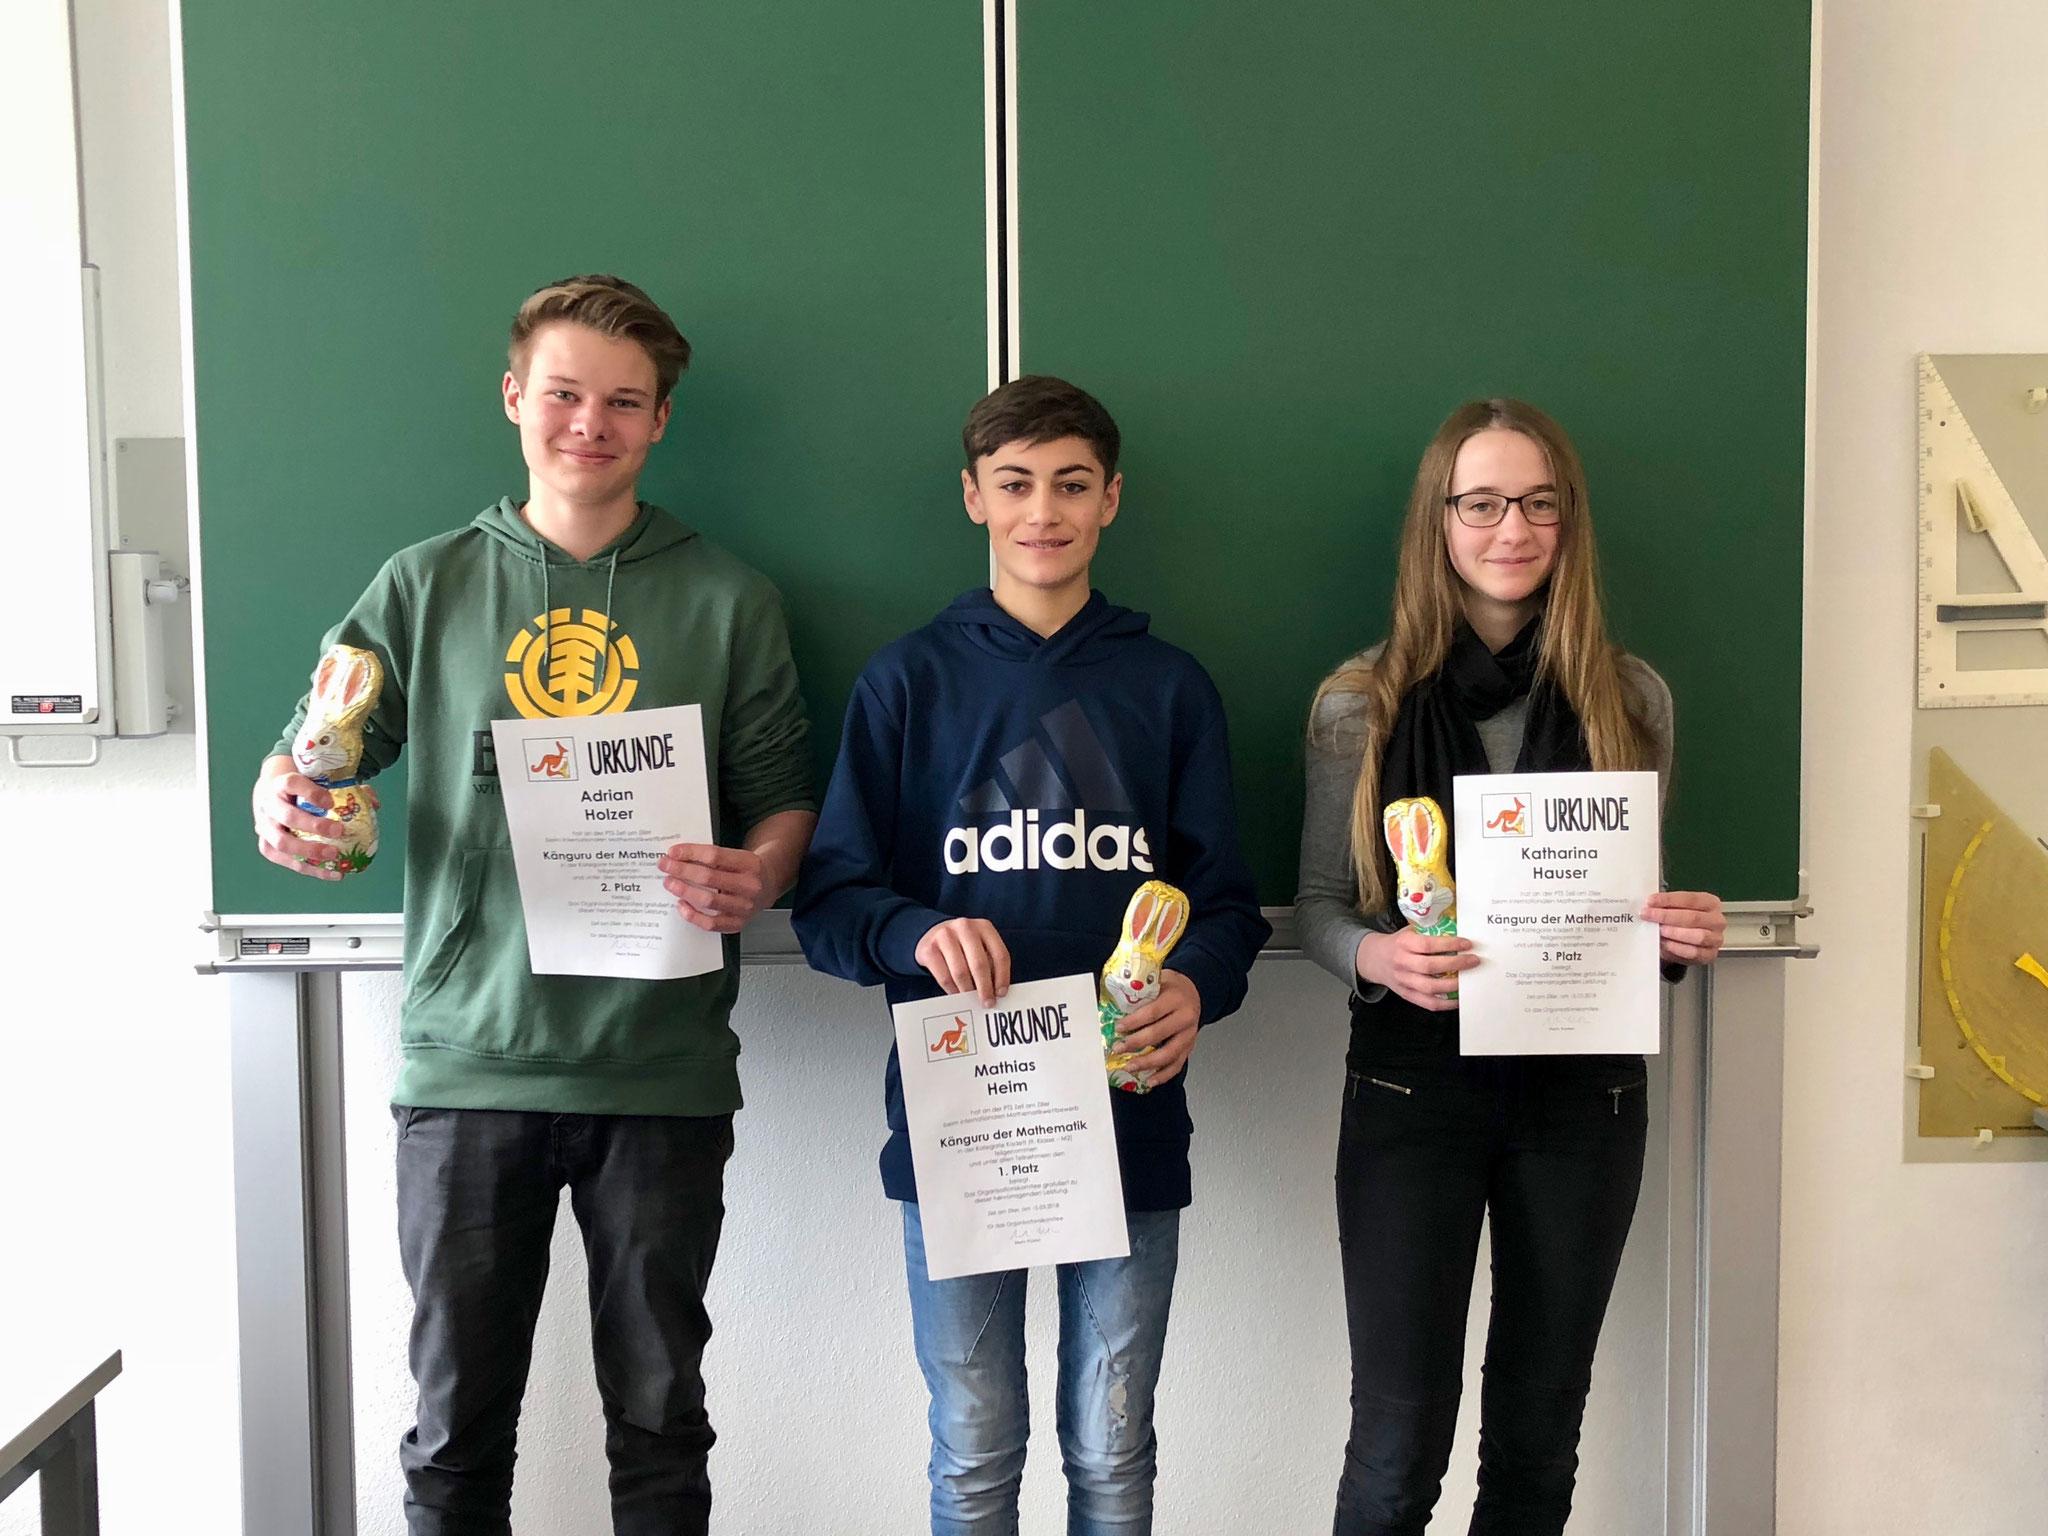 Sieger Gruppe 2: Adrian Holzer (Platz 2), Mathias Heim (Platz 1), Katharina Hauser (Platz 3)